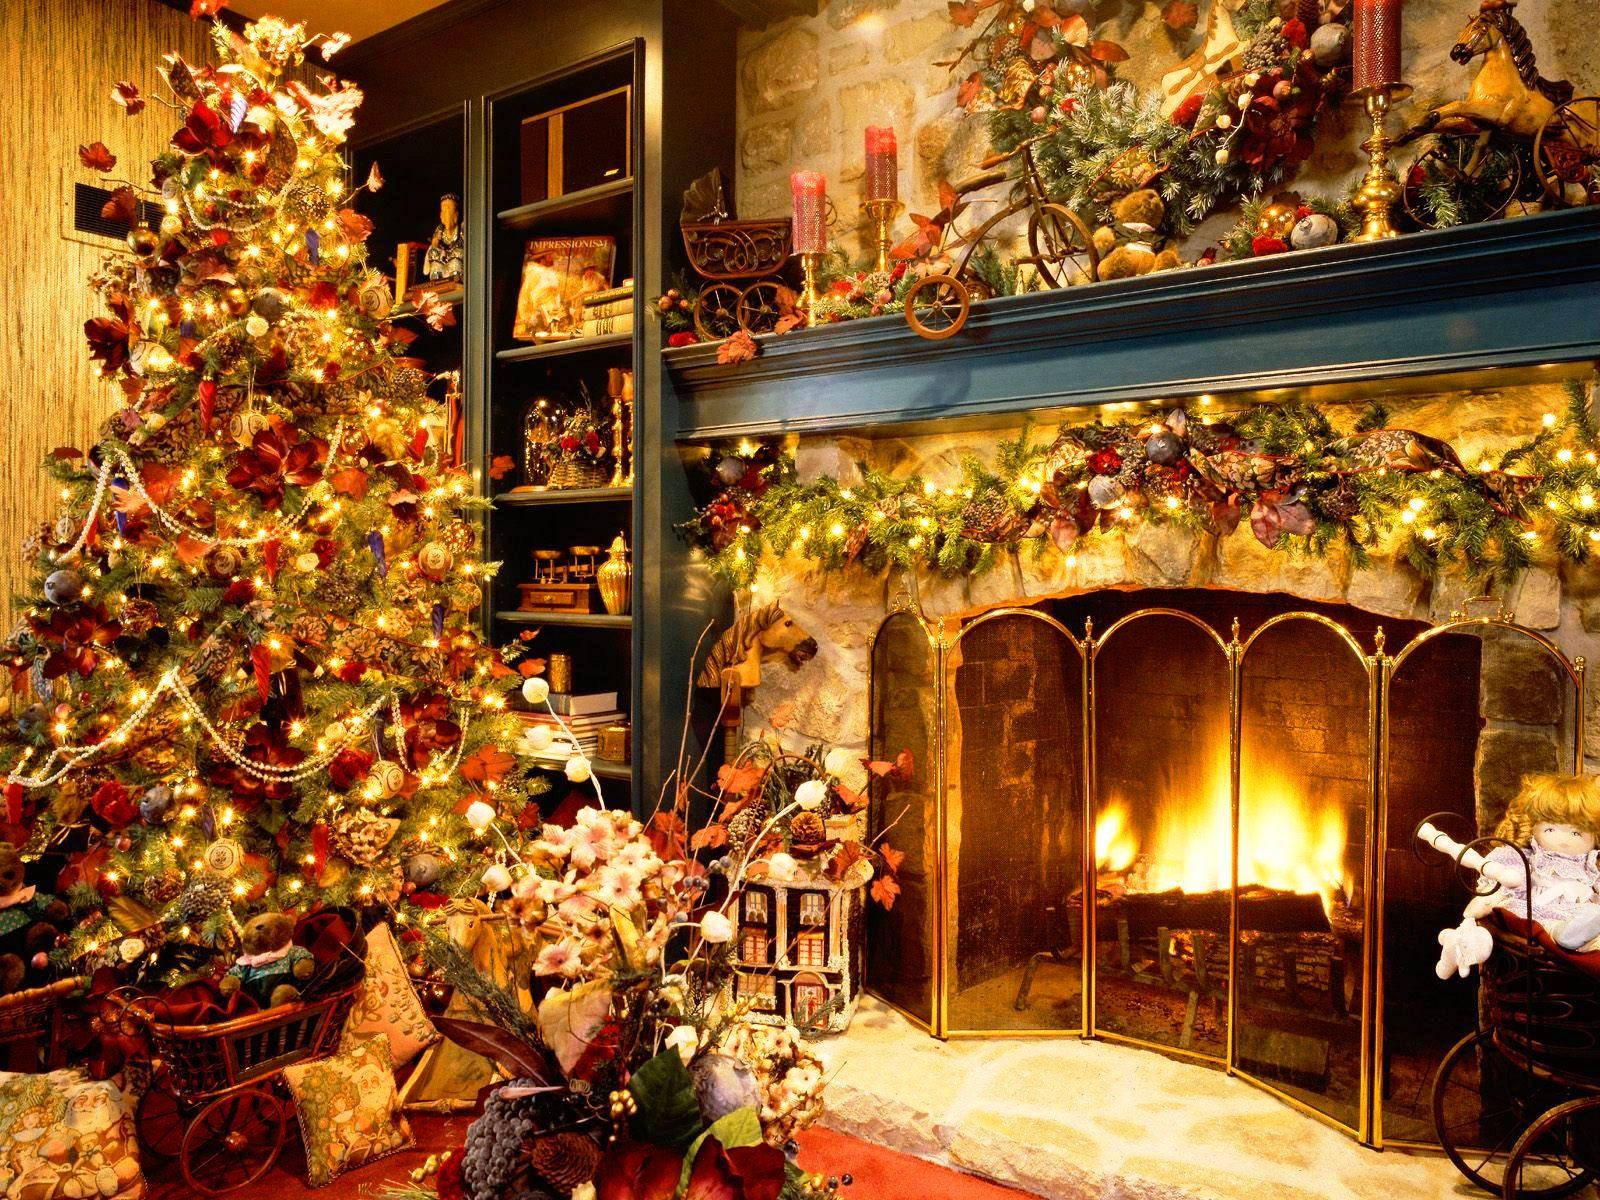 Hai visto? Qualche idea per le vacanze di Natale